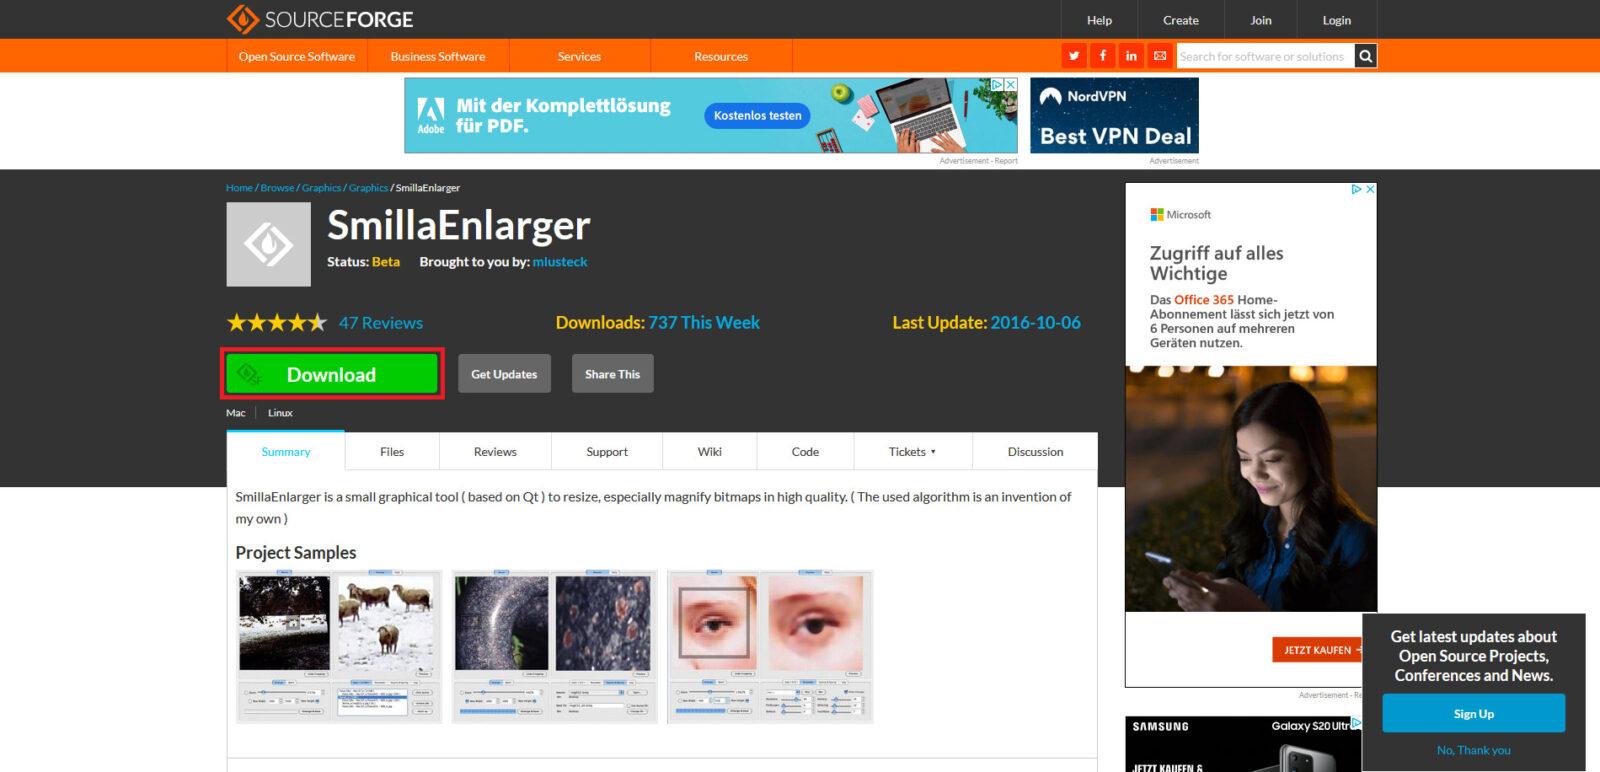 SmillaEnlarger - Download des Programms